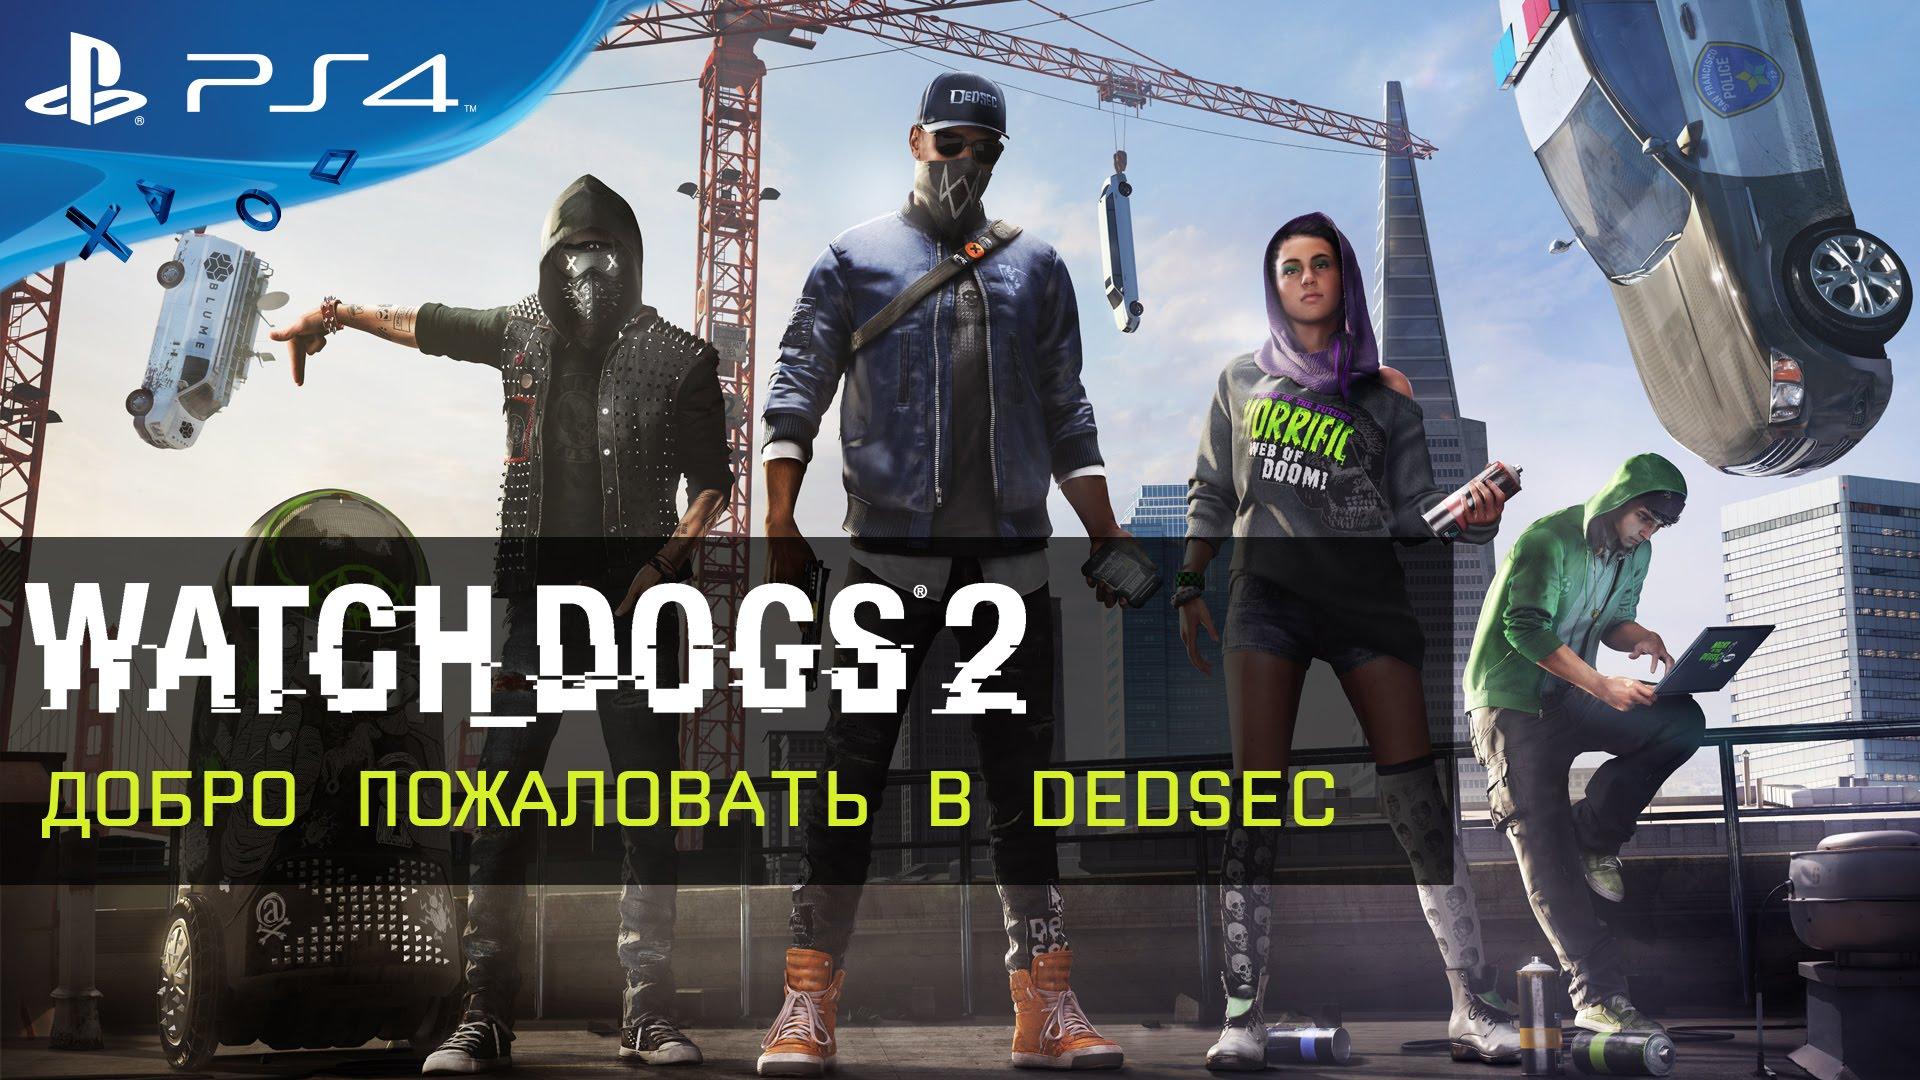 Watch Dogs 2 — Добро пожаловать в DEDSEC